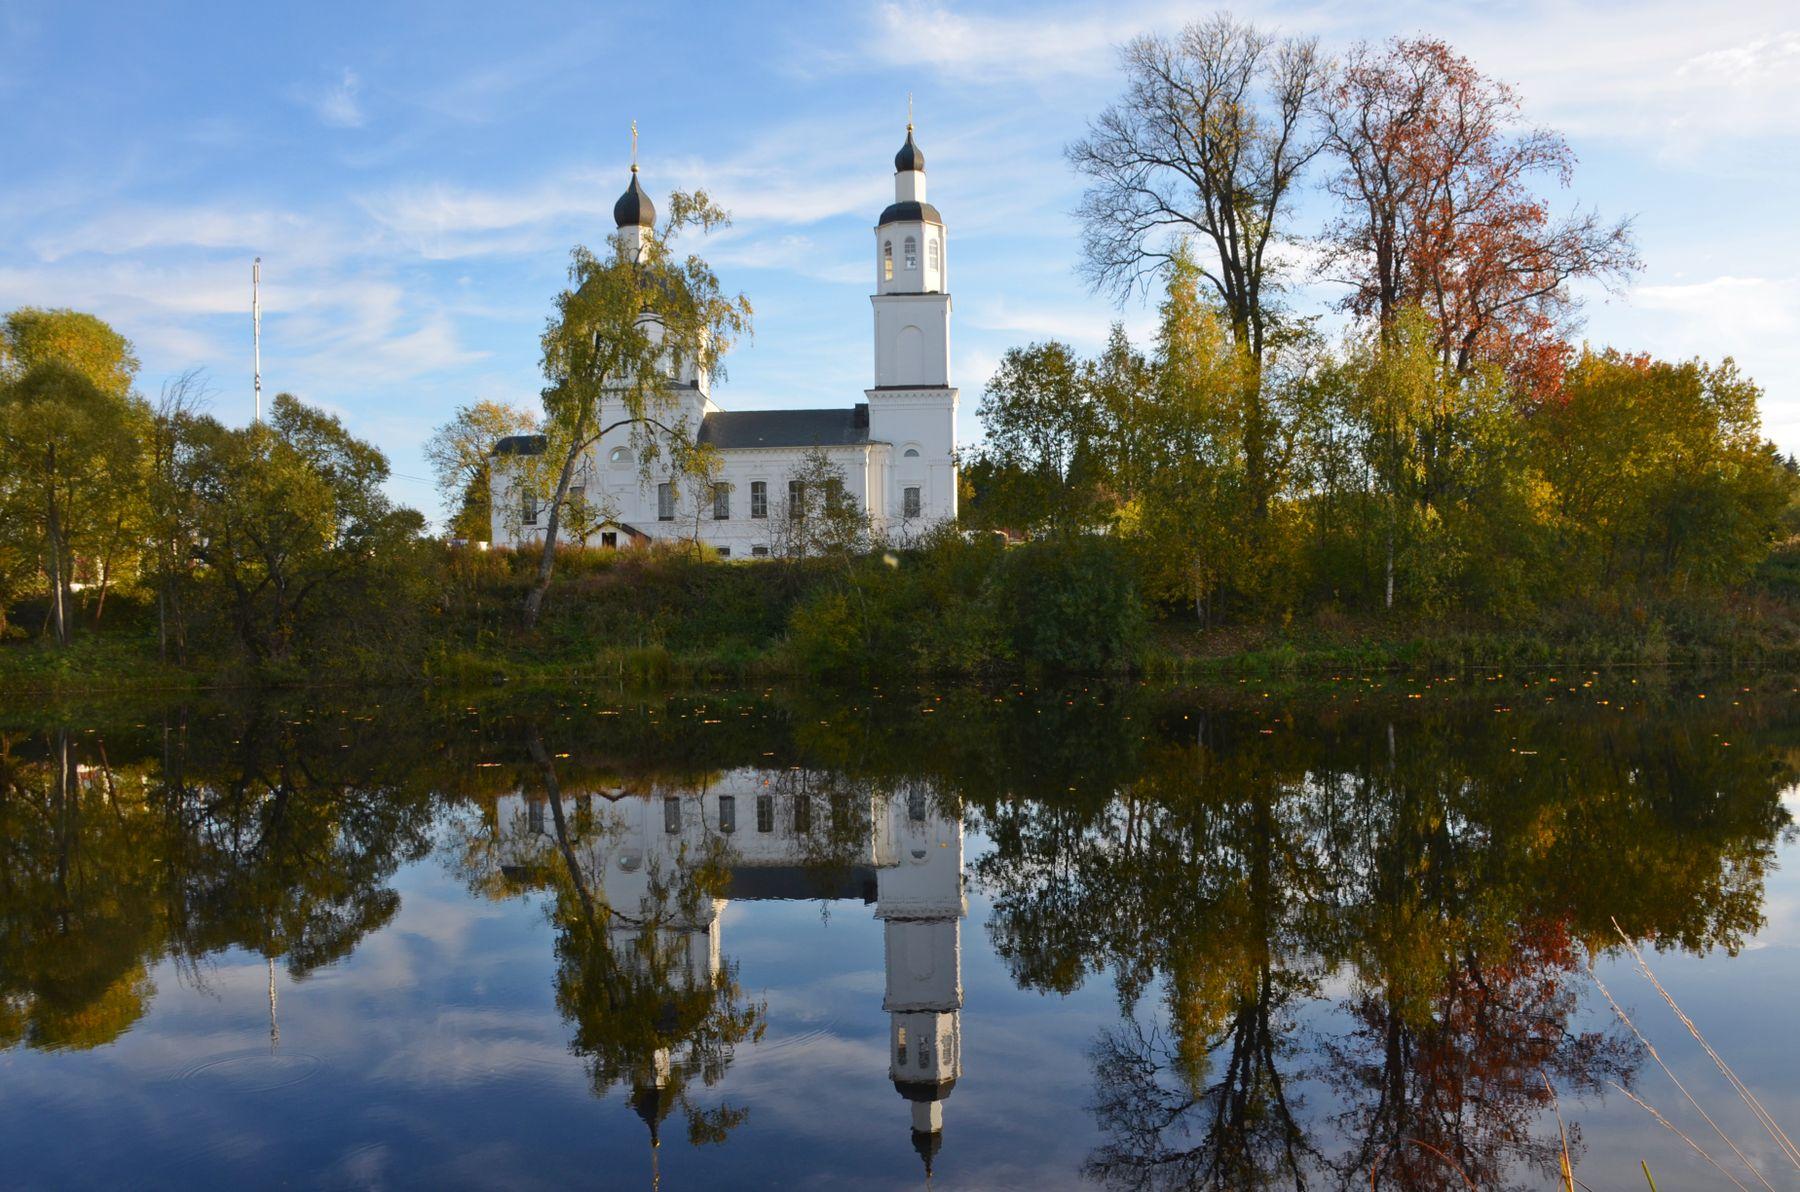 Церковь Рождества Пресвятой Богородицы. Москва Новофедоровское Руднево осень сентябрь храм церковь река отражение